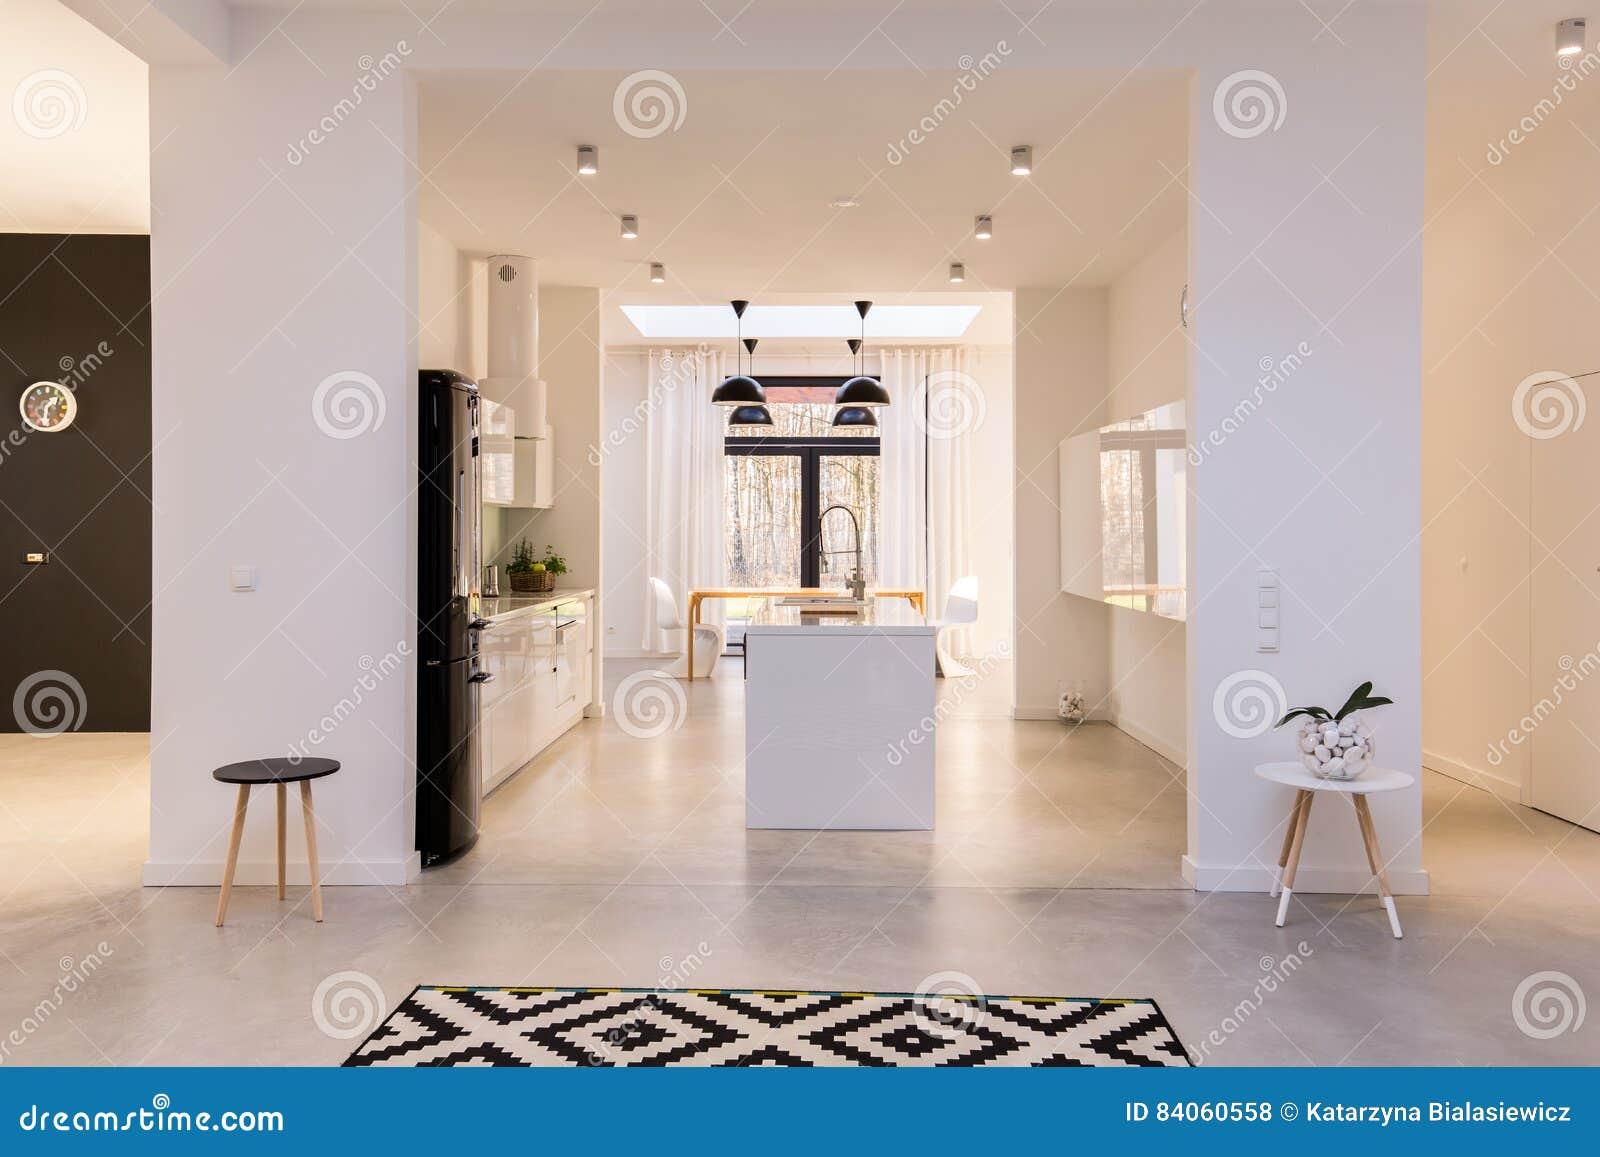 Cucina Bianca Con Isola.Grande Cucina Bianca Con L Isola Fotografia Stock Immagine